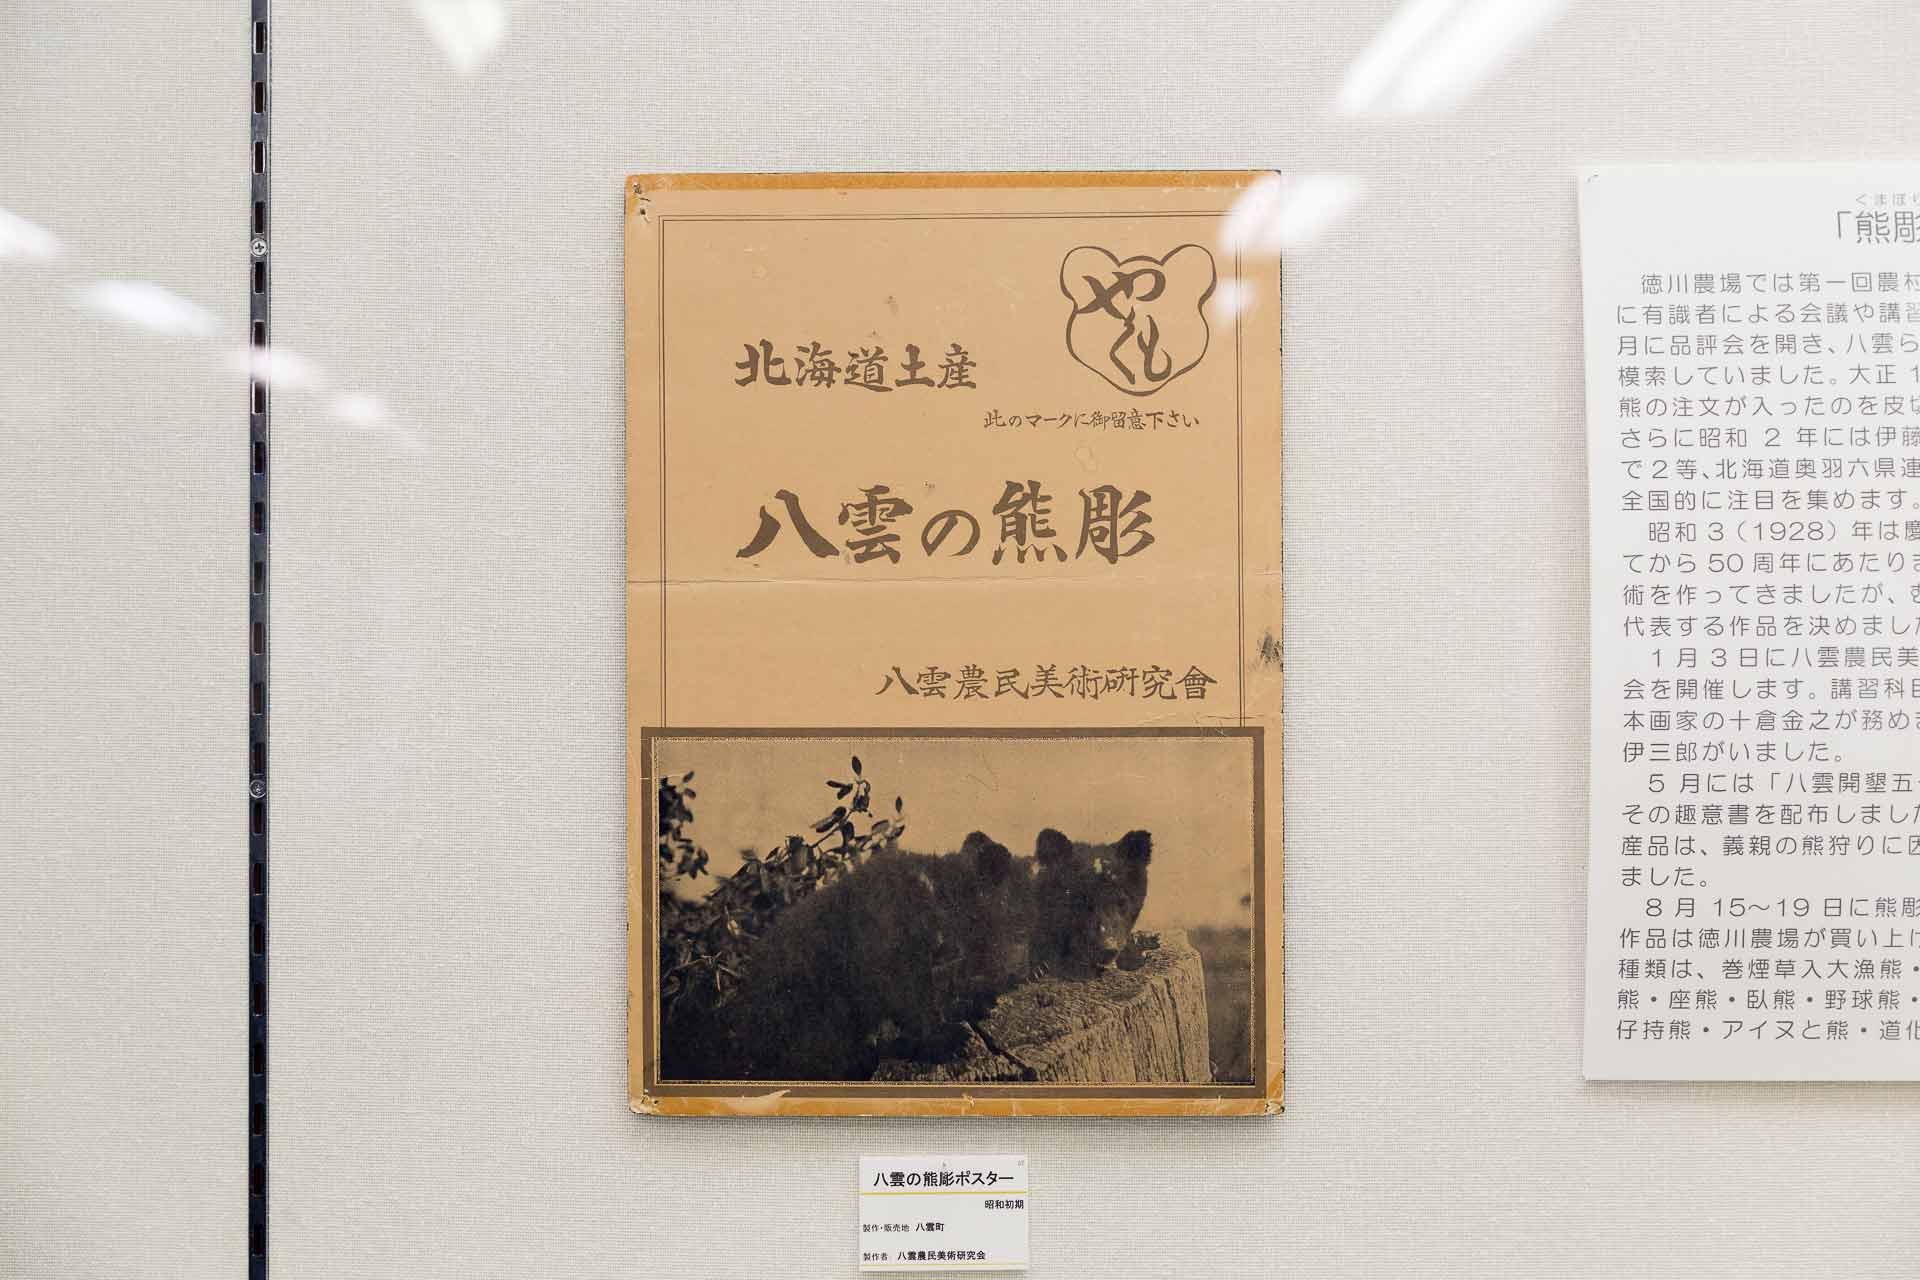 八雲の熊彫ポスター 昭和初期(1920~30年頃)